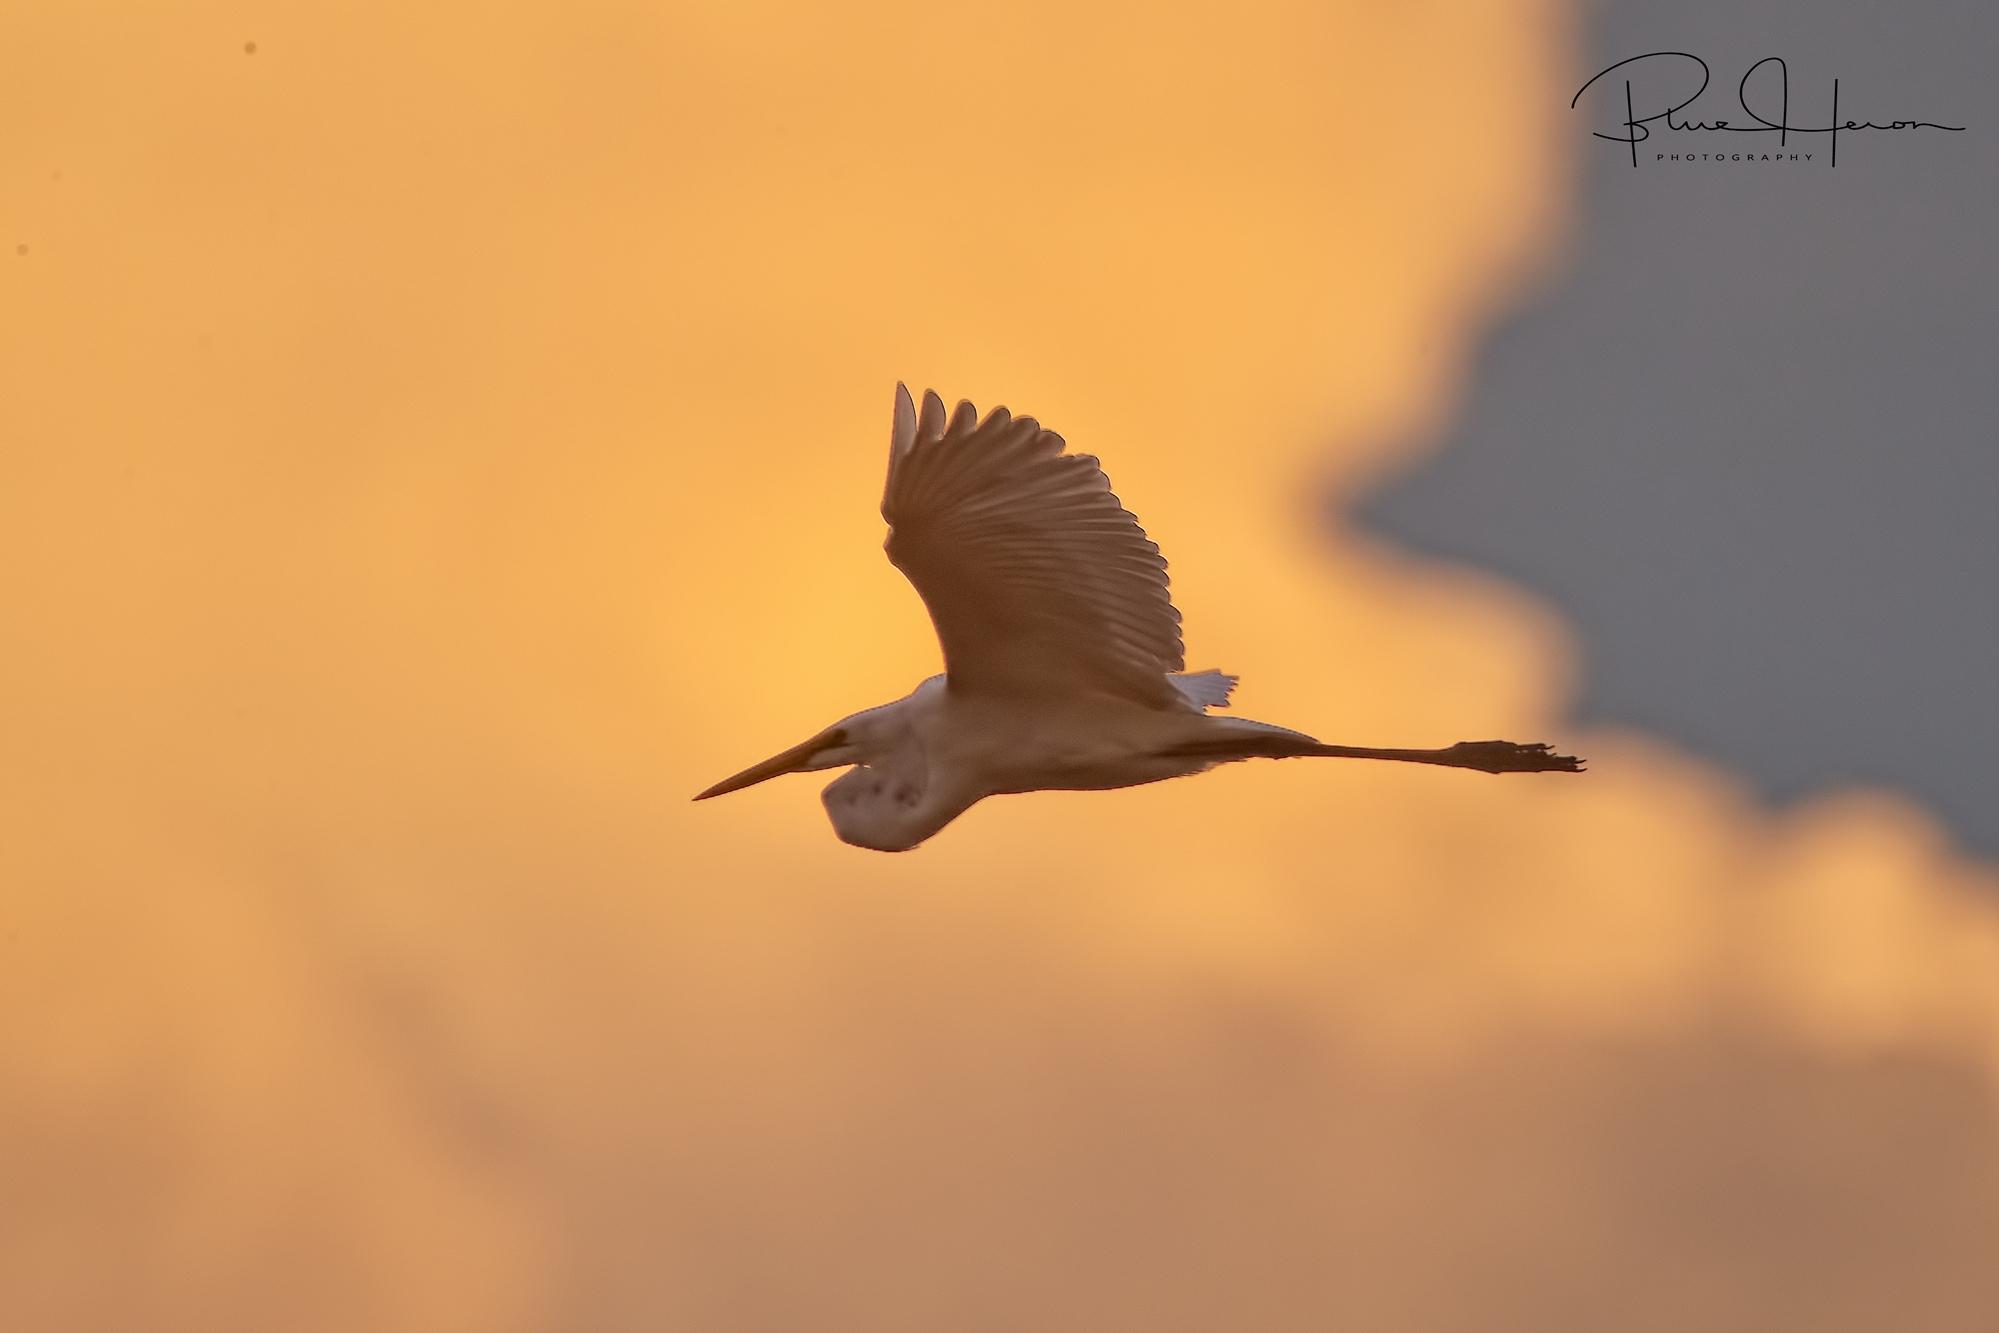 Sundown silhouette of the Goat Egret returning at evening tide..